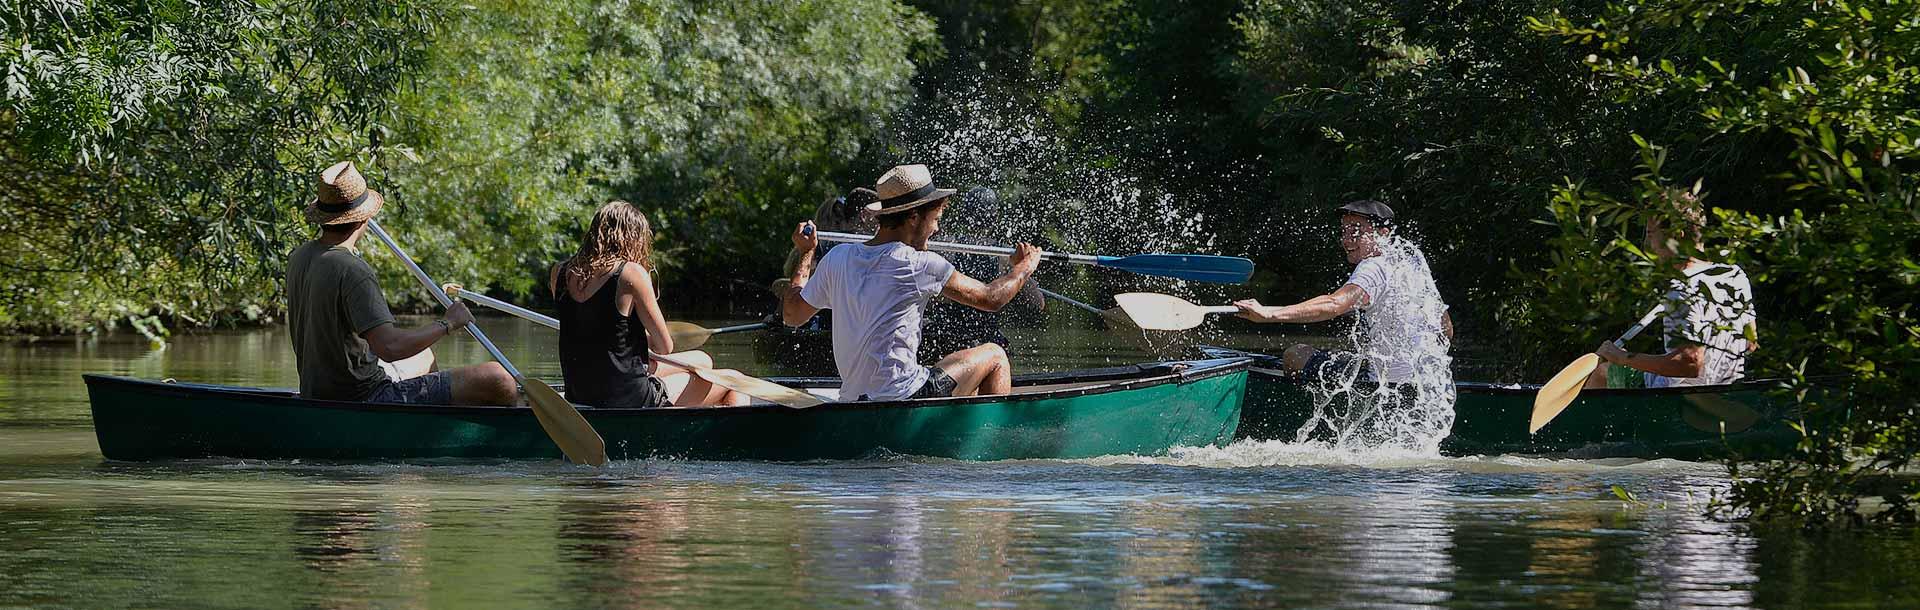 12 choses à faire l'été dans le Marais poitevin